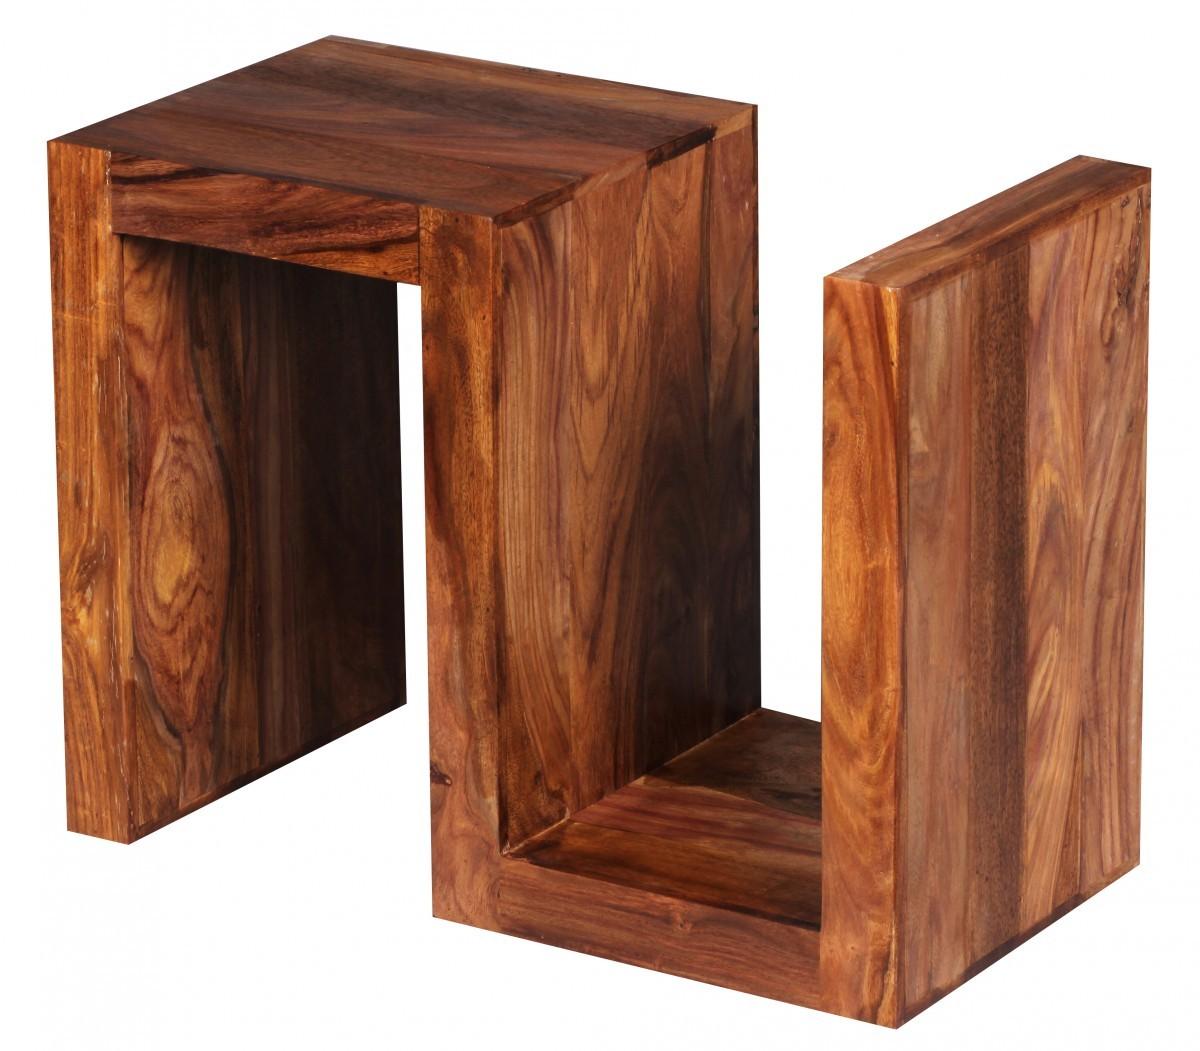 finebuy beistelltisch massivholz sheesham s cube 60cm hoch wohnzimmer tisch design braun